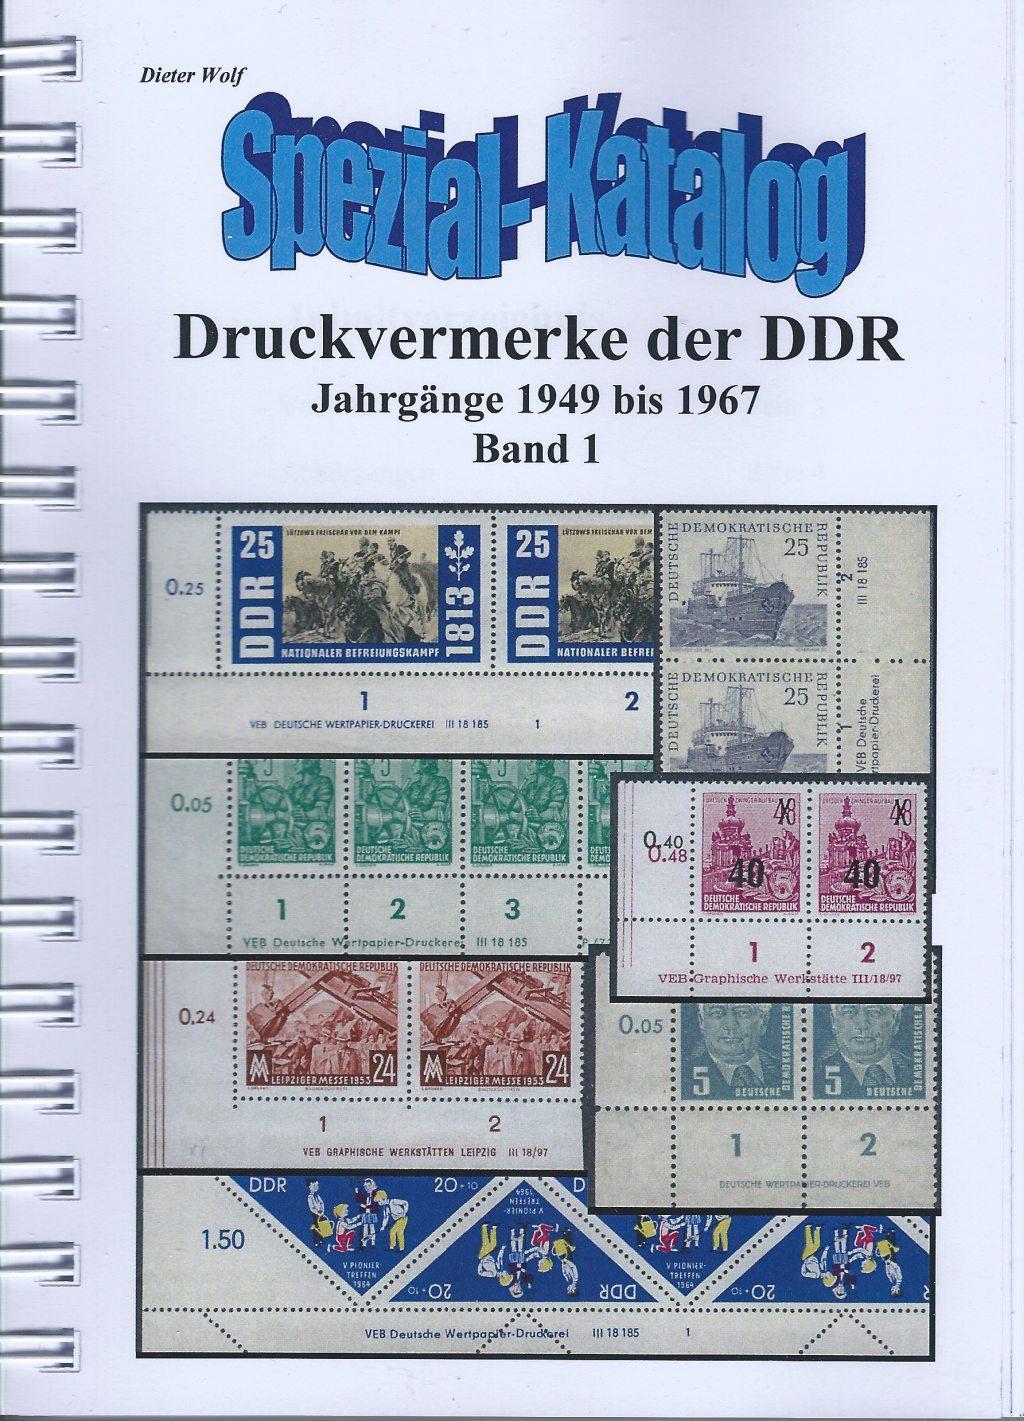 DDR Briefmarken Durckvermerke DV